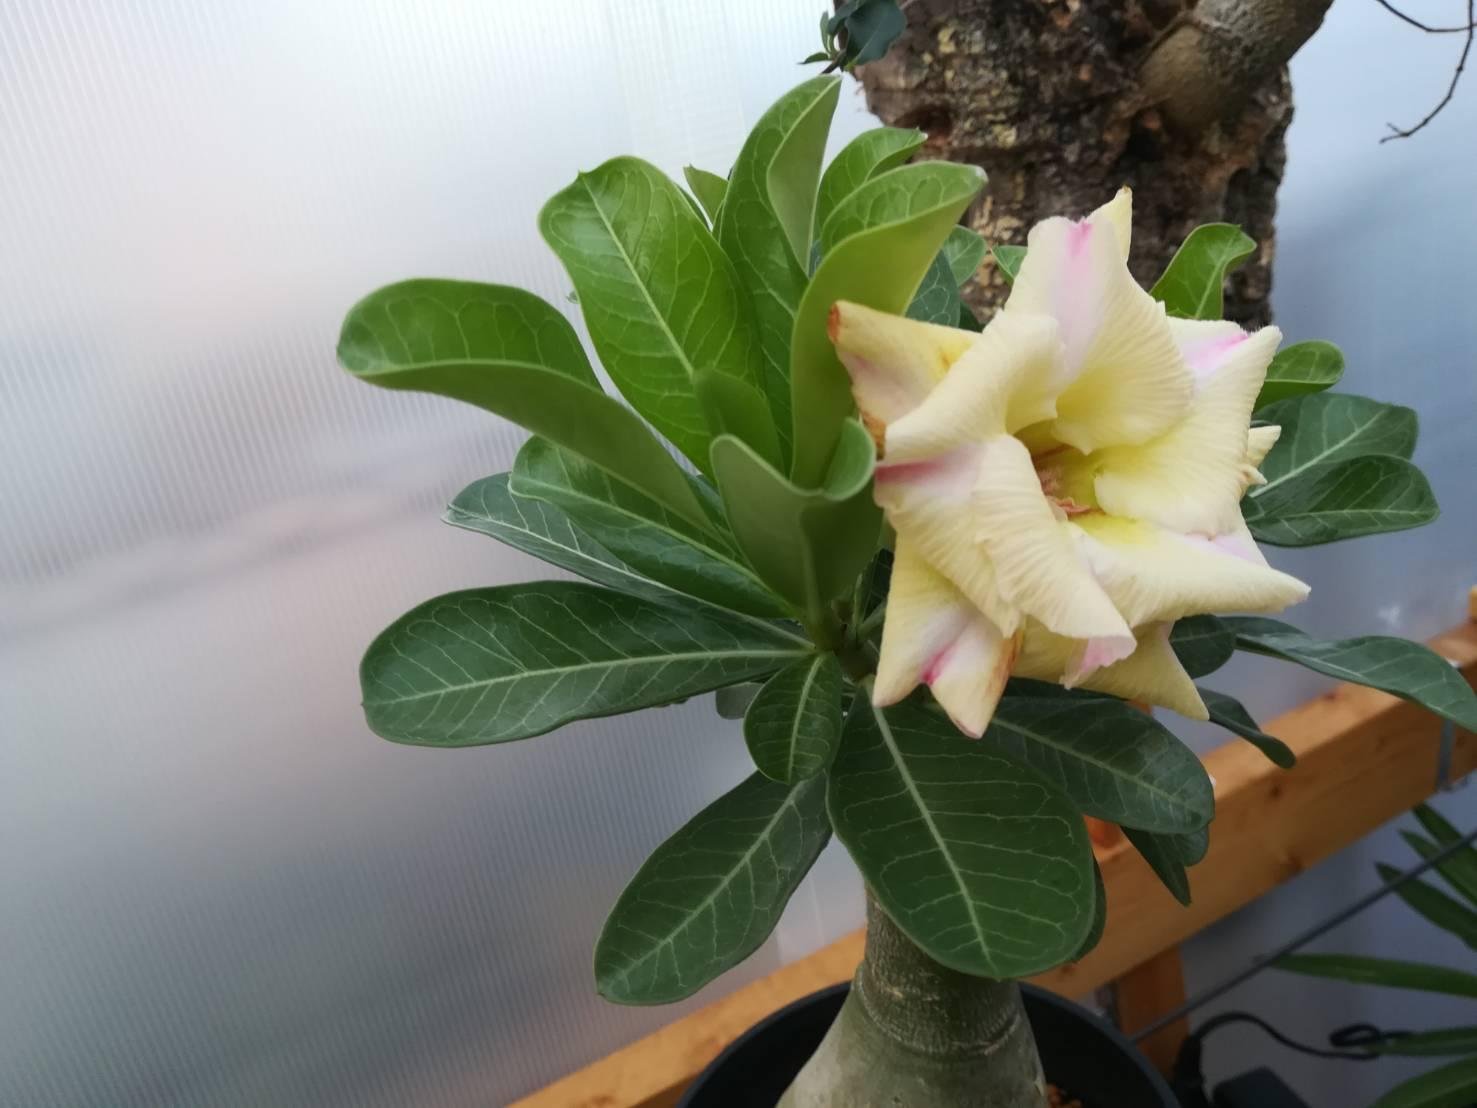 アデニウムが開花した!≪塊根植物×白花×アデニウムの夏≫